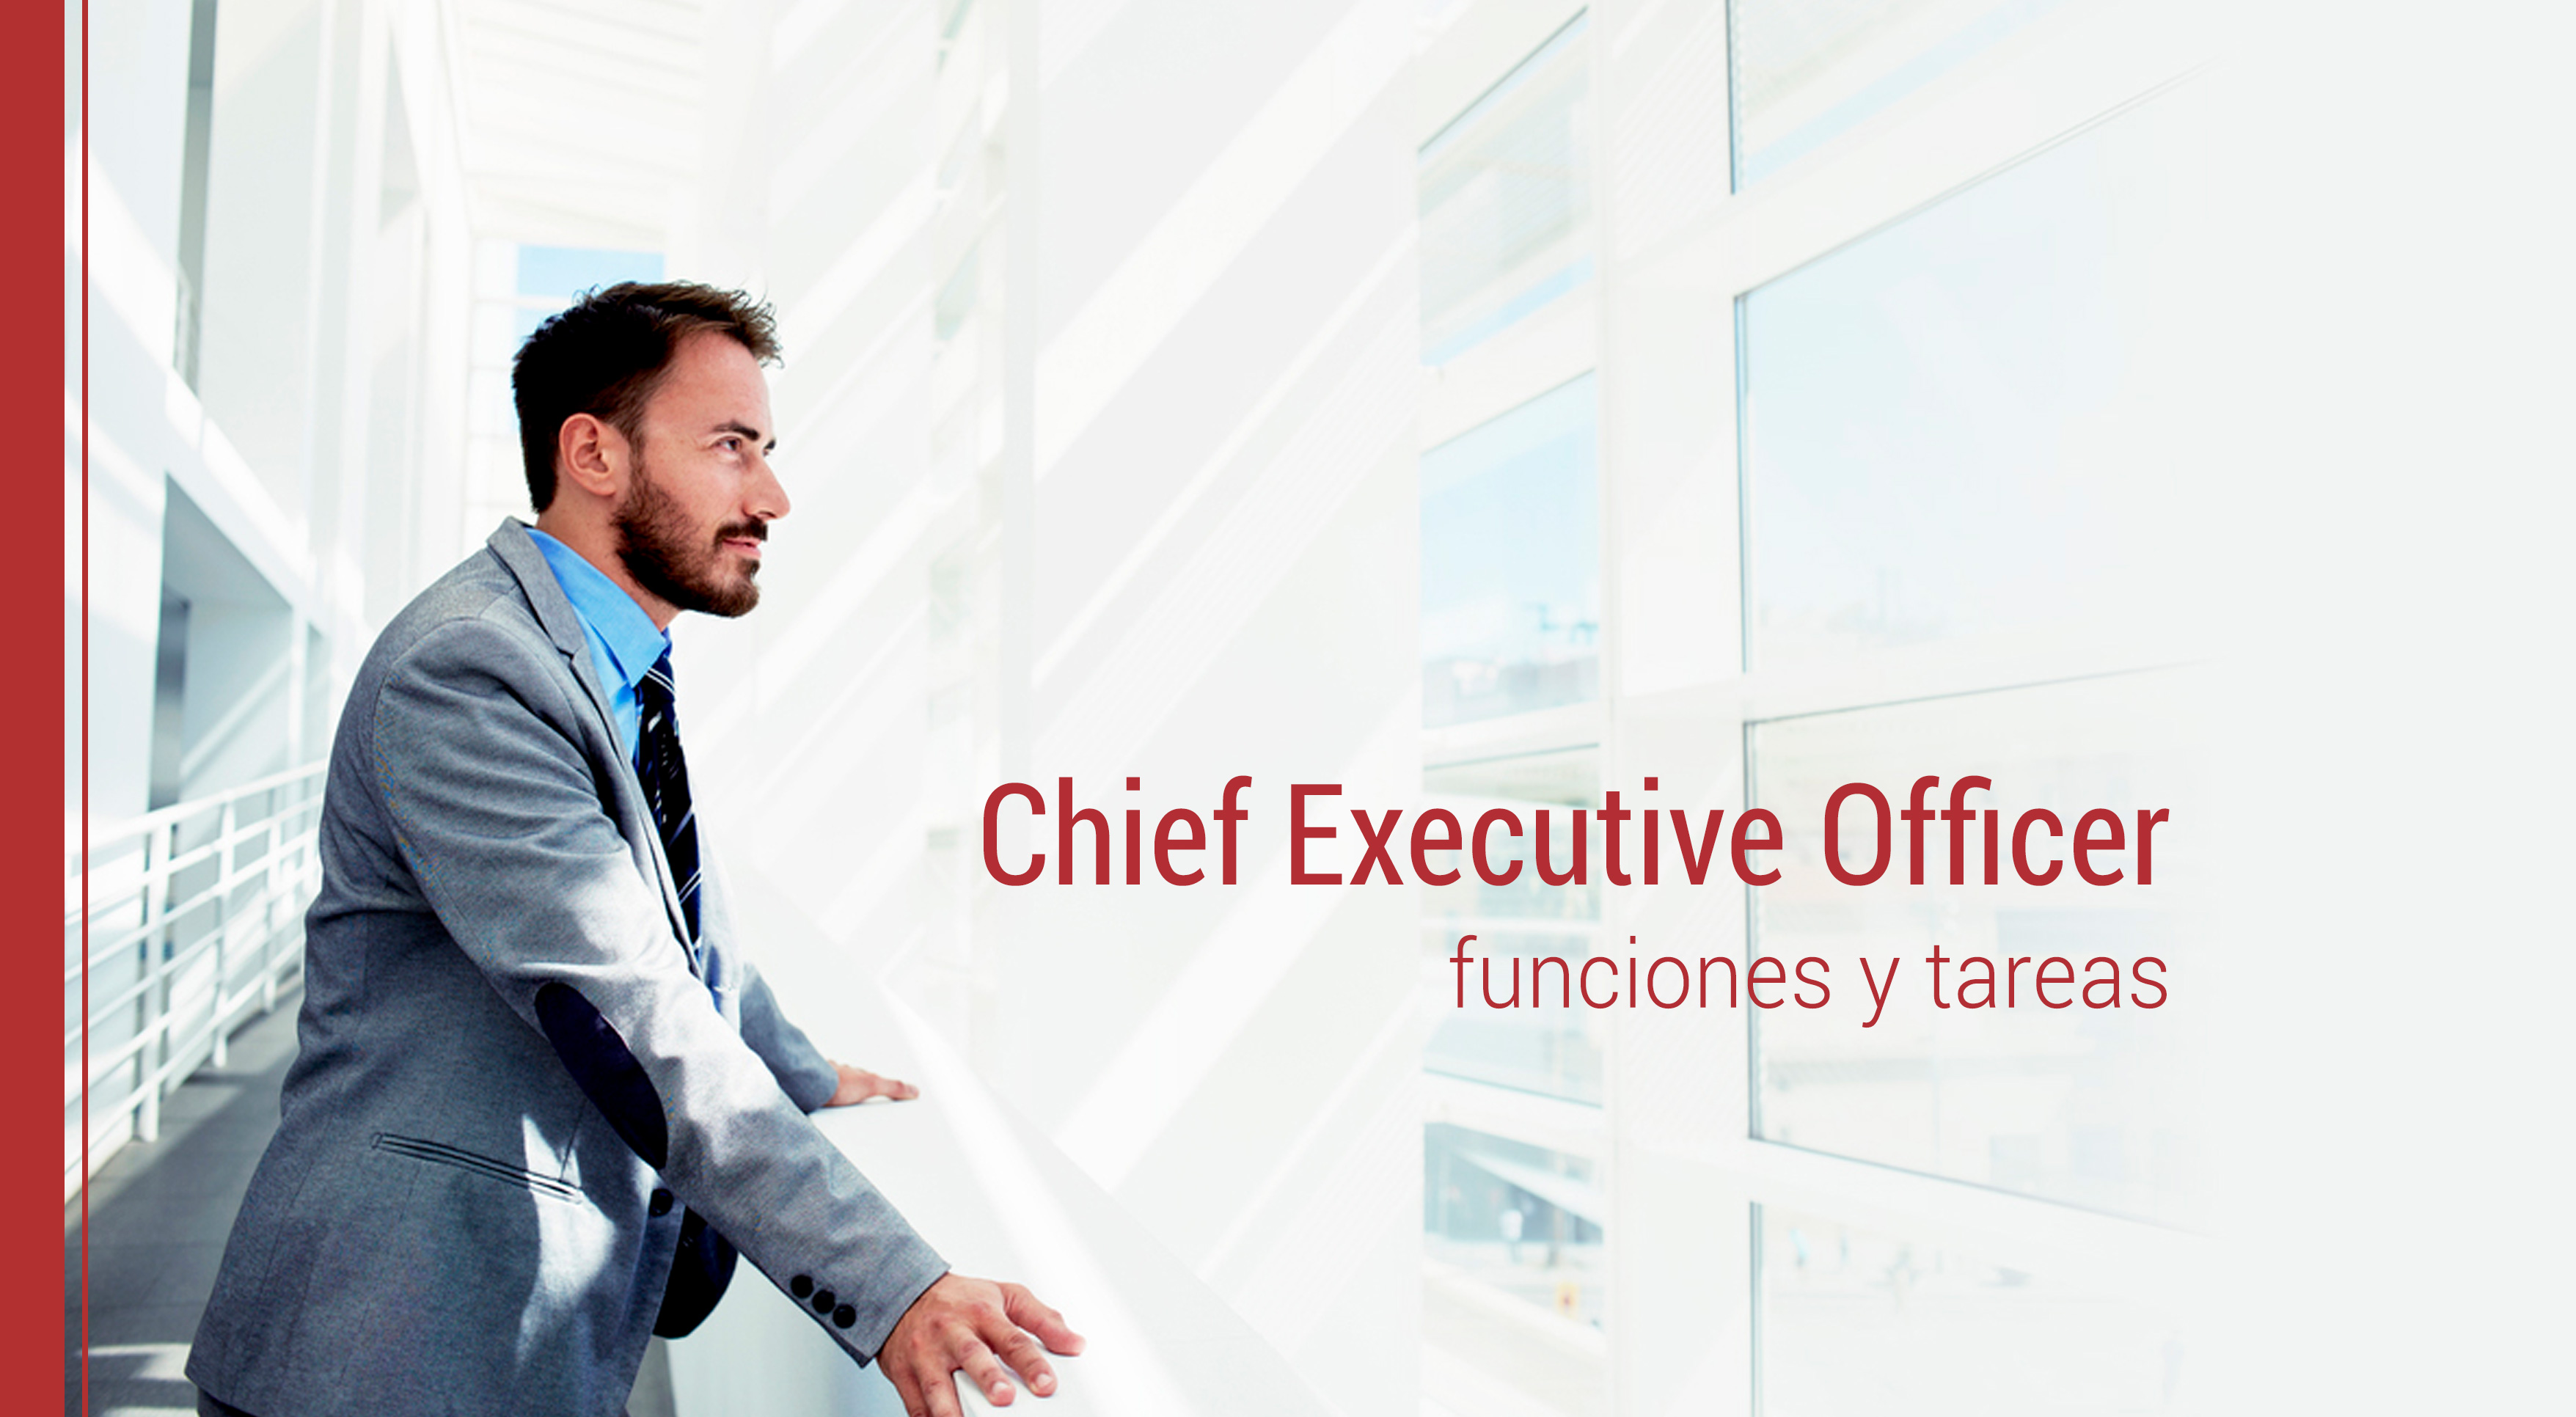 funciones-tareas-del-ceo Funciones y tareas del CEO